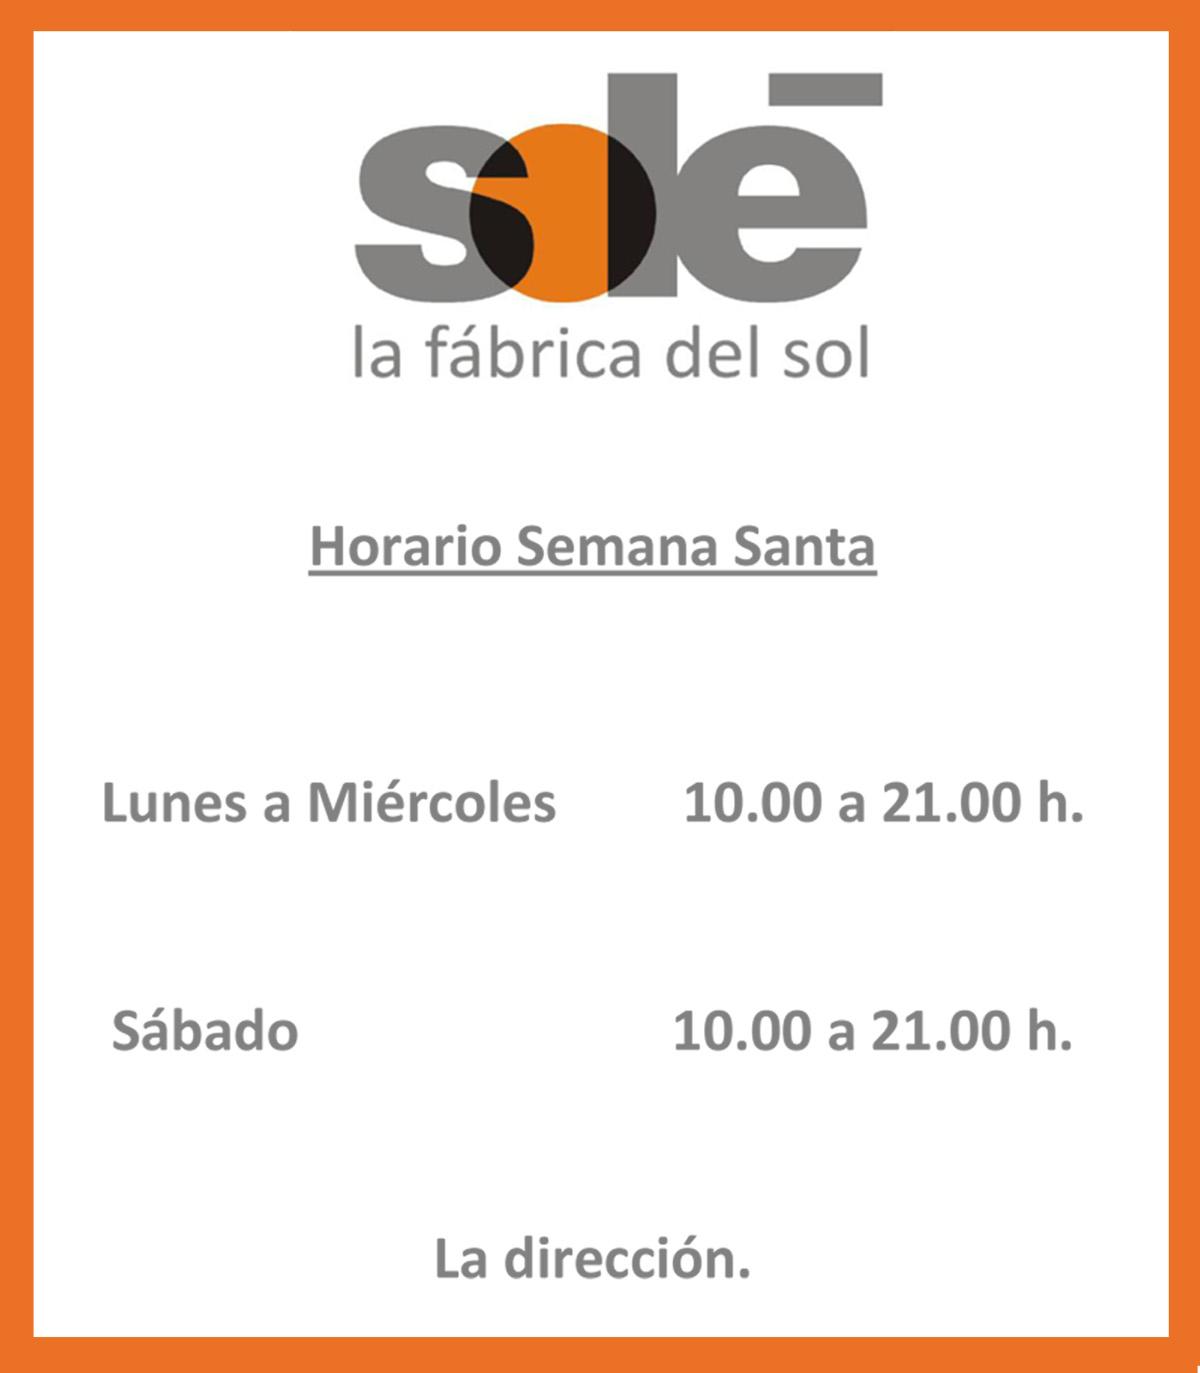 Sol la f brica del sol horario semana santa 2012 for Del sol horario